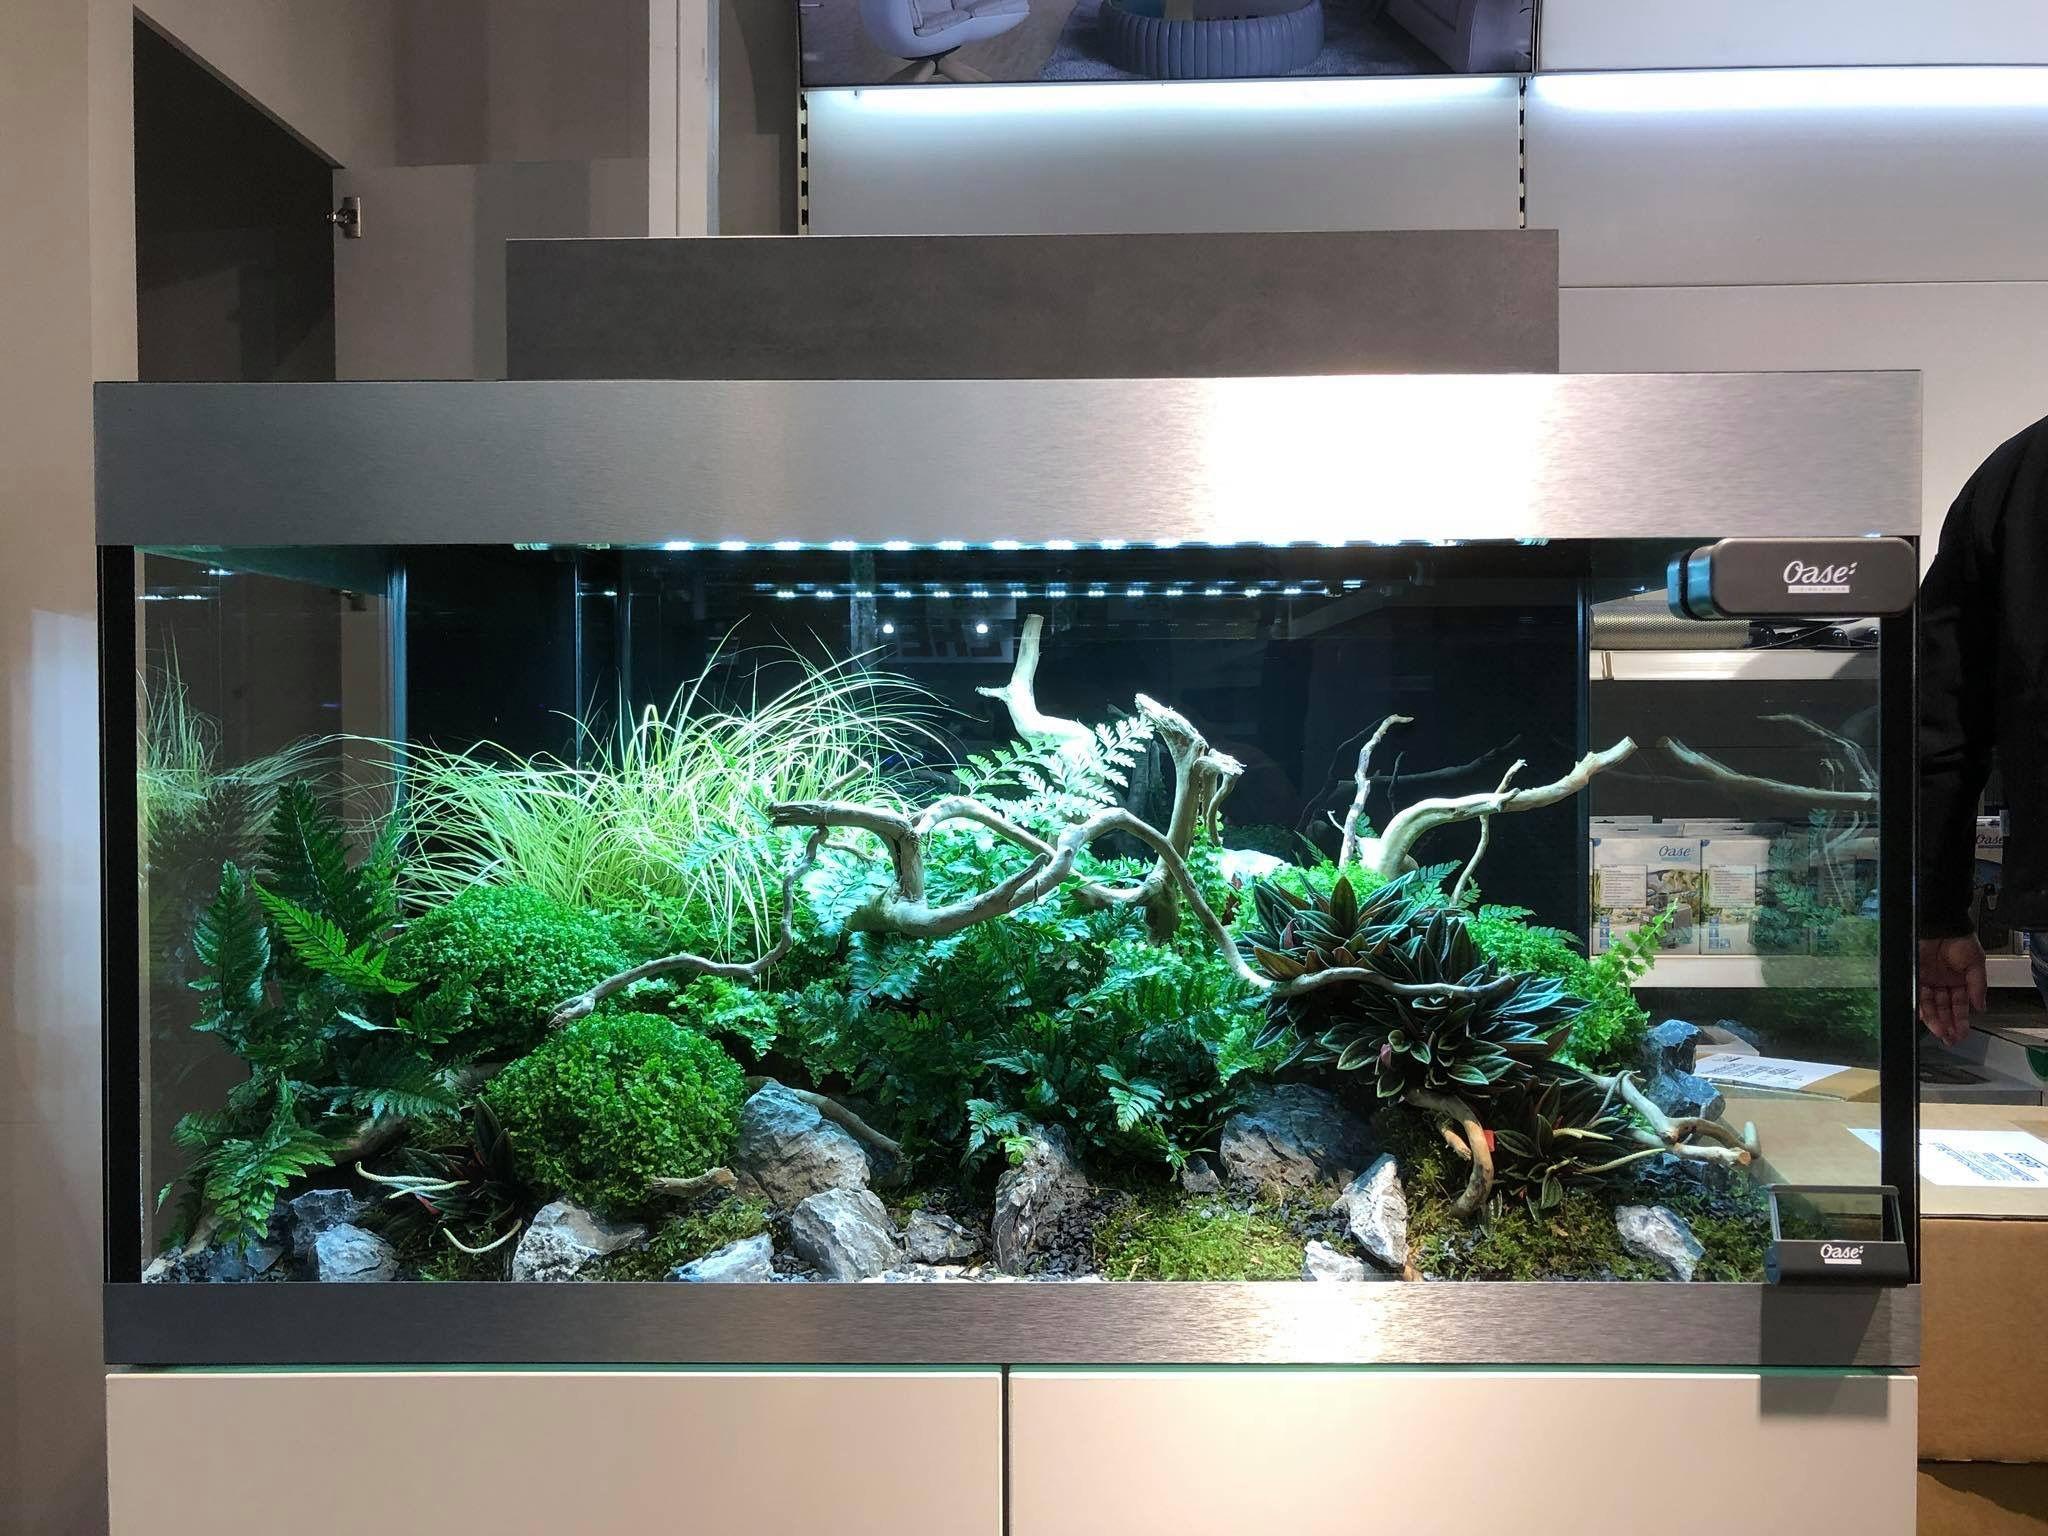 Aquarium wohnzimmer ~ Sud amerika biotop aquarium blackwater aquariums